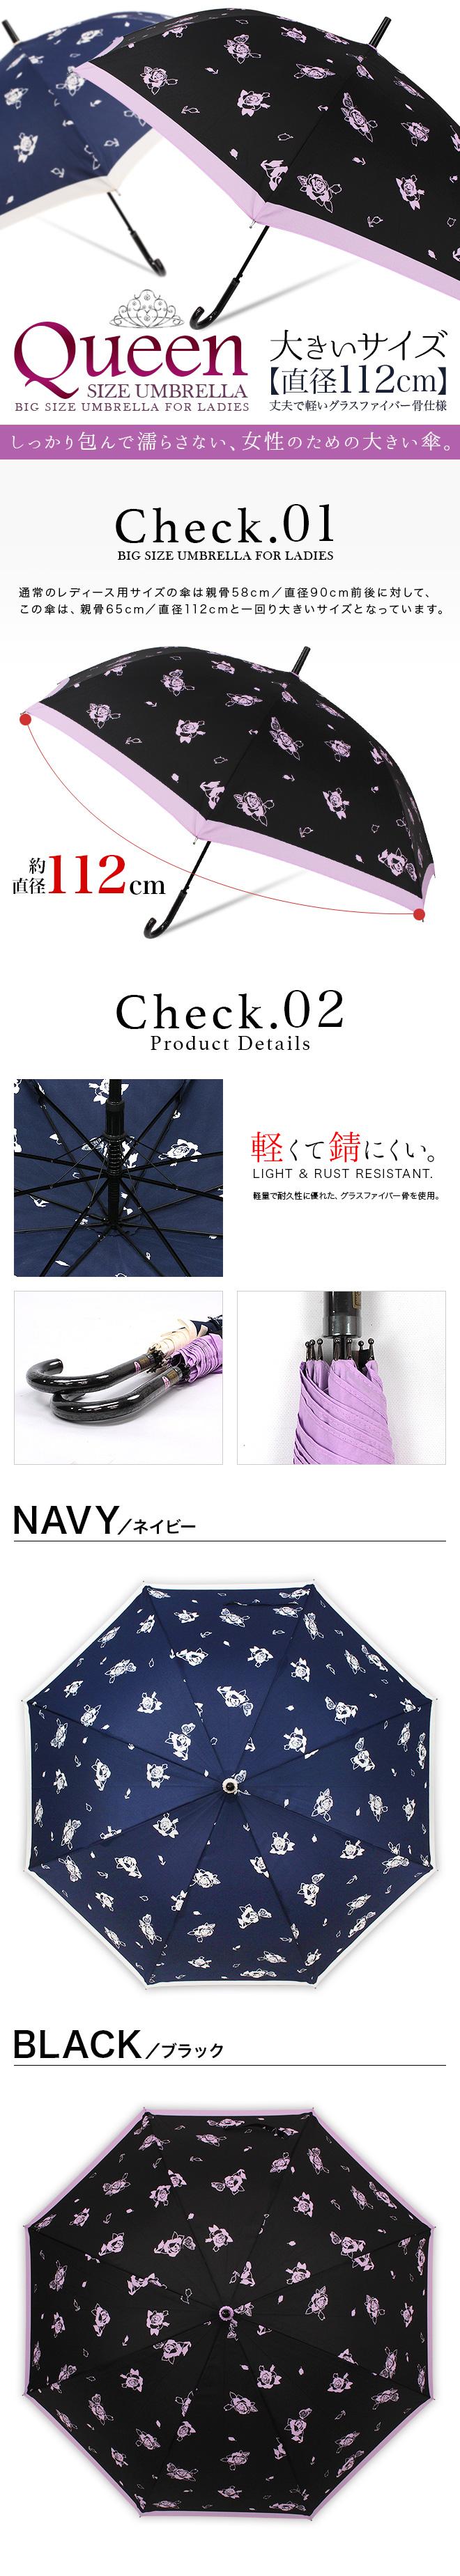 大きい傘ローズ柄